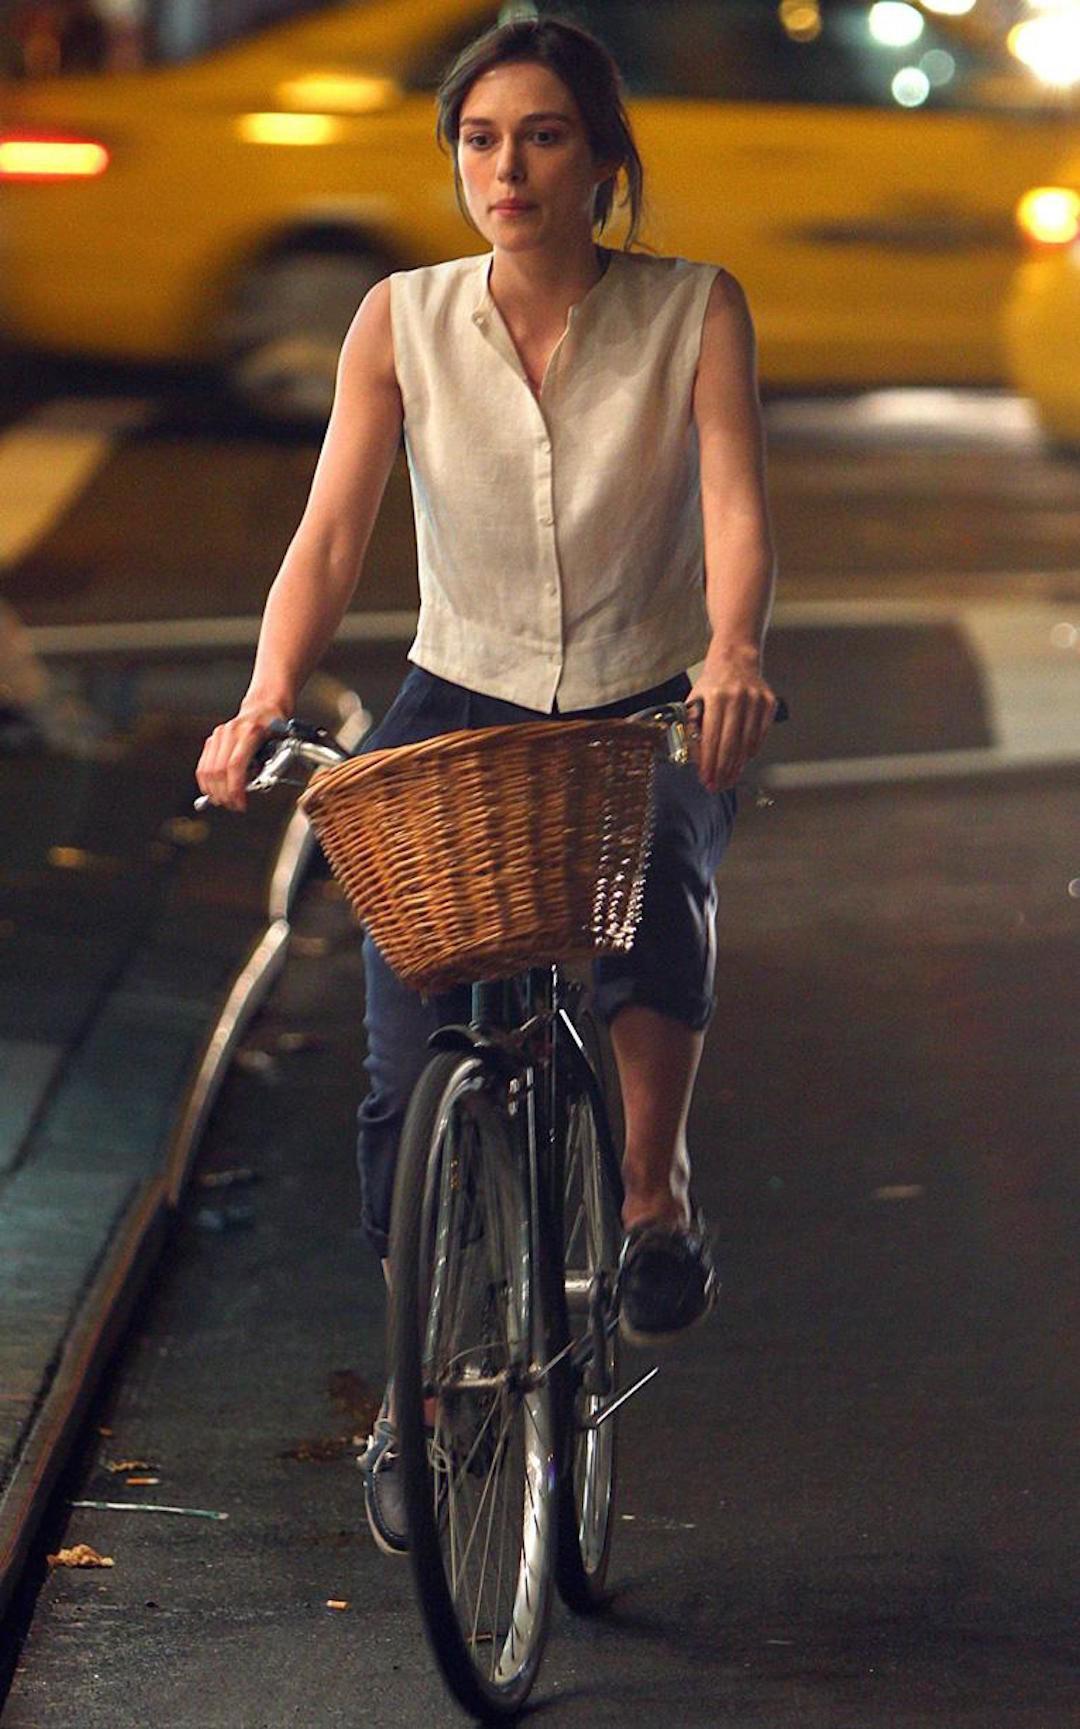 你骑车的时候都穿什么?有他们这么美吗?_时尚_好奇心日报